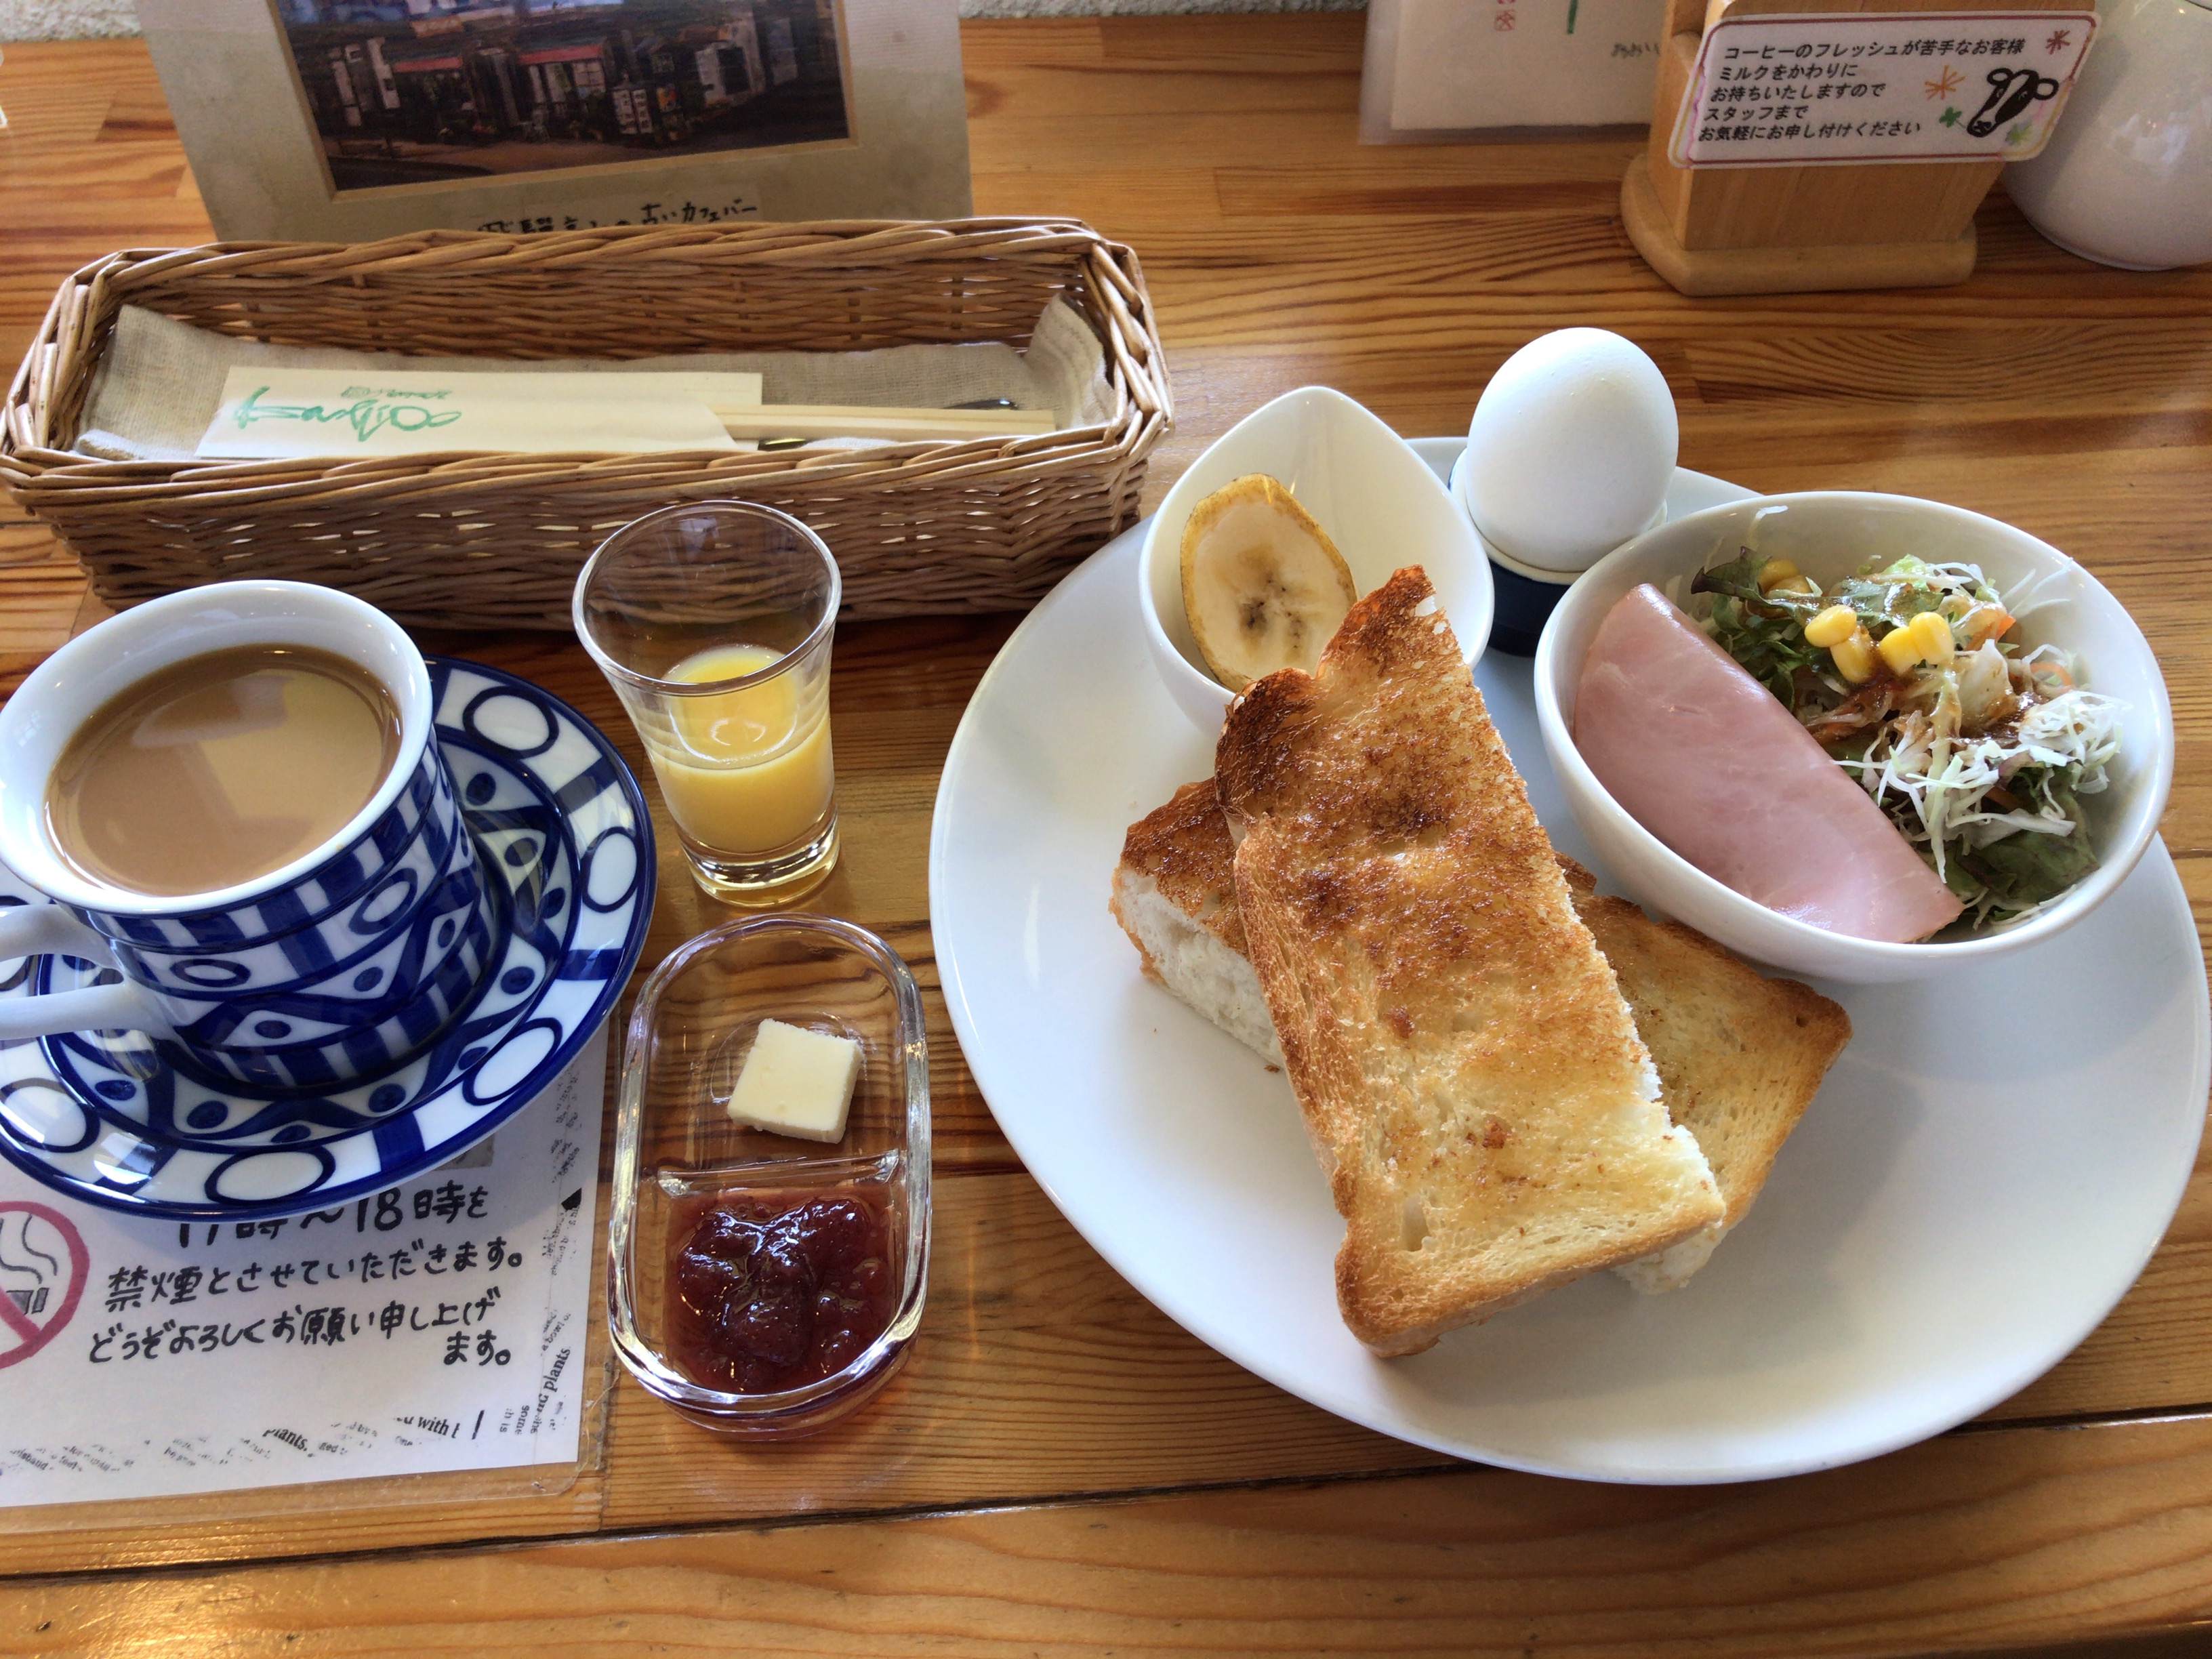 田原本のカフェ朝日堂のモーニングセットの全体写真